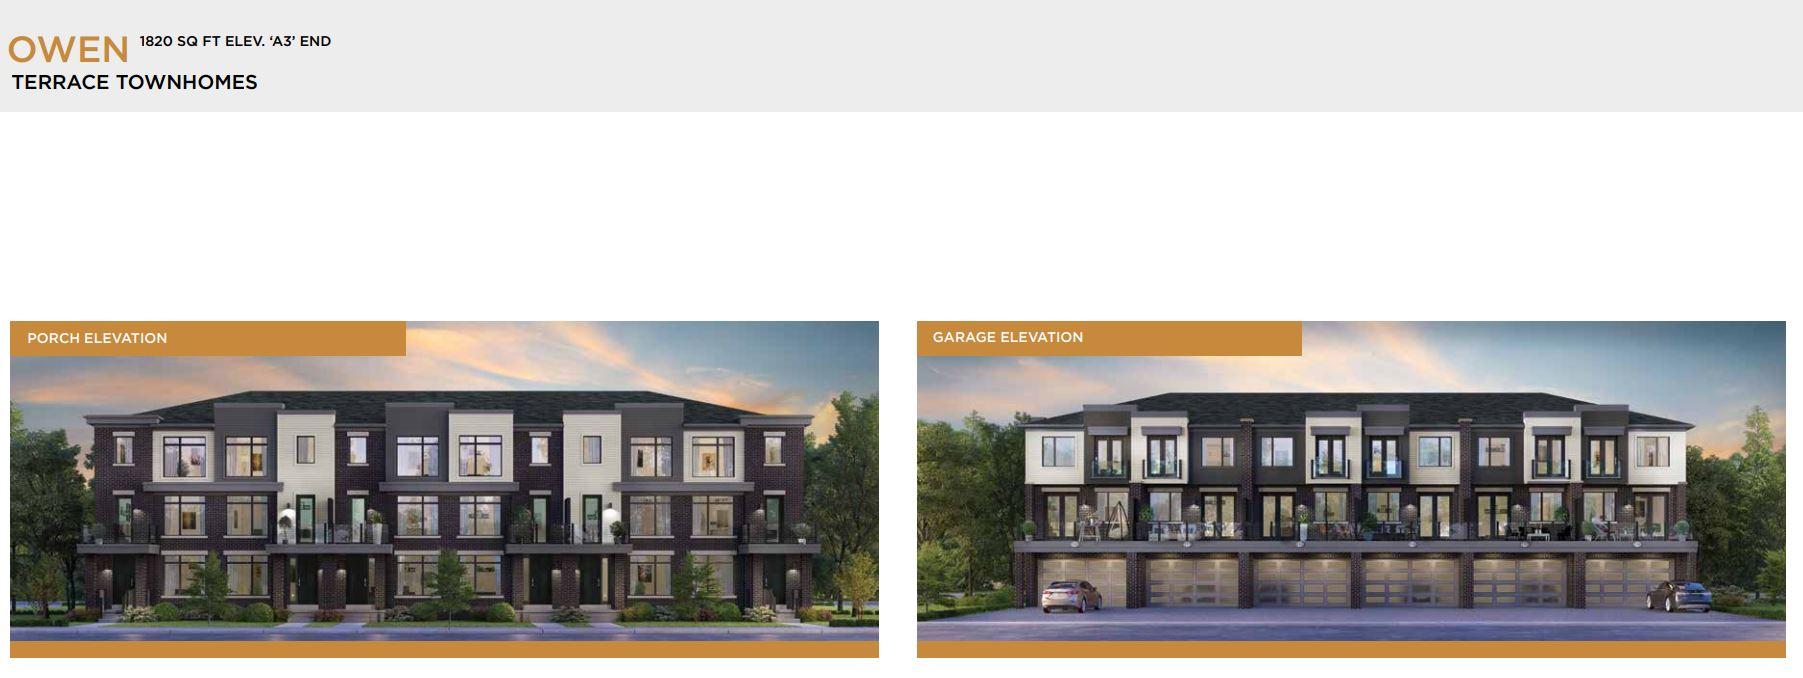 Brooklin-Heights-Terrace-Towns-Owen-1821end